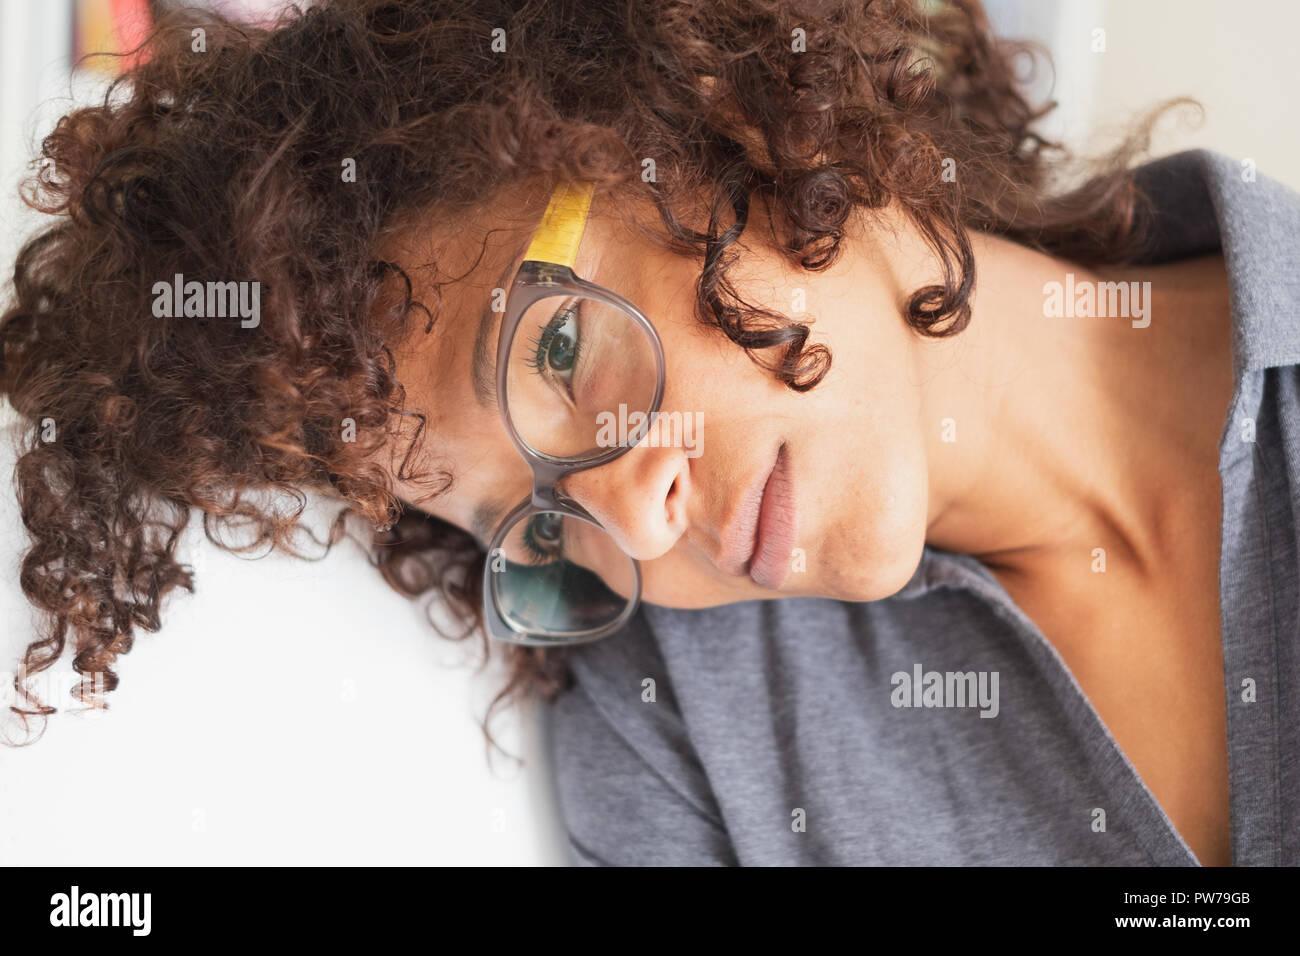 Brüten und durchdachte schwarze Frau Gesicht Porträt Stockfoto